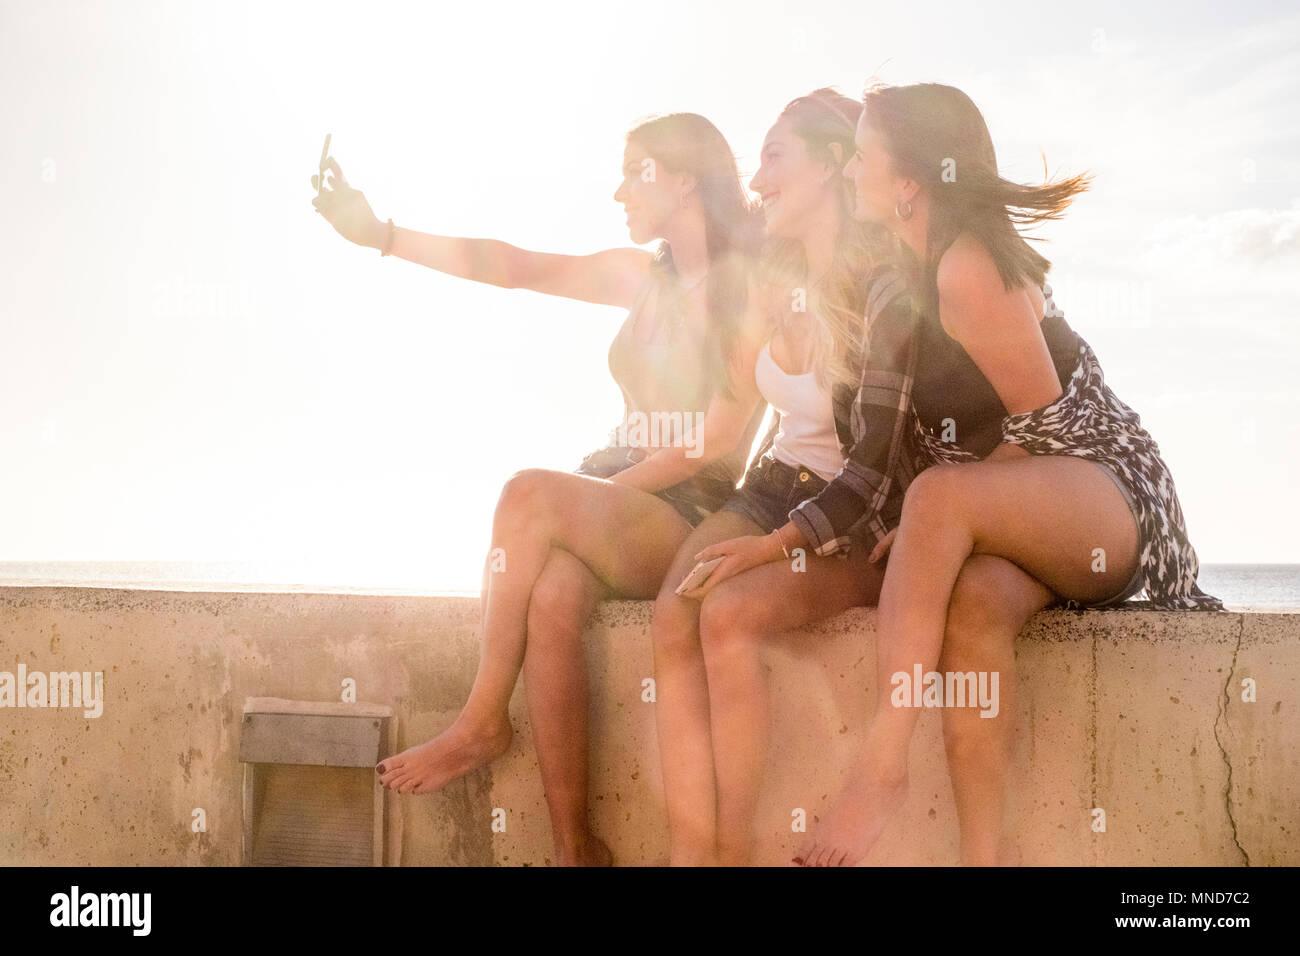 Grupo de tres mujeres en la amistad teniendo selfies y utilizando el teléfono cerca de la Playa en Tenerife. Sunset tiempo, mucha sonrisa y felicidad en vacaciones. Bea Imagen De Stock